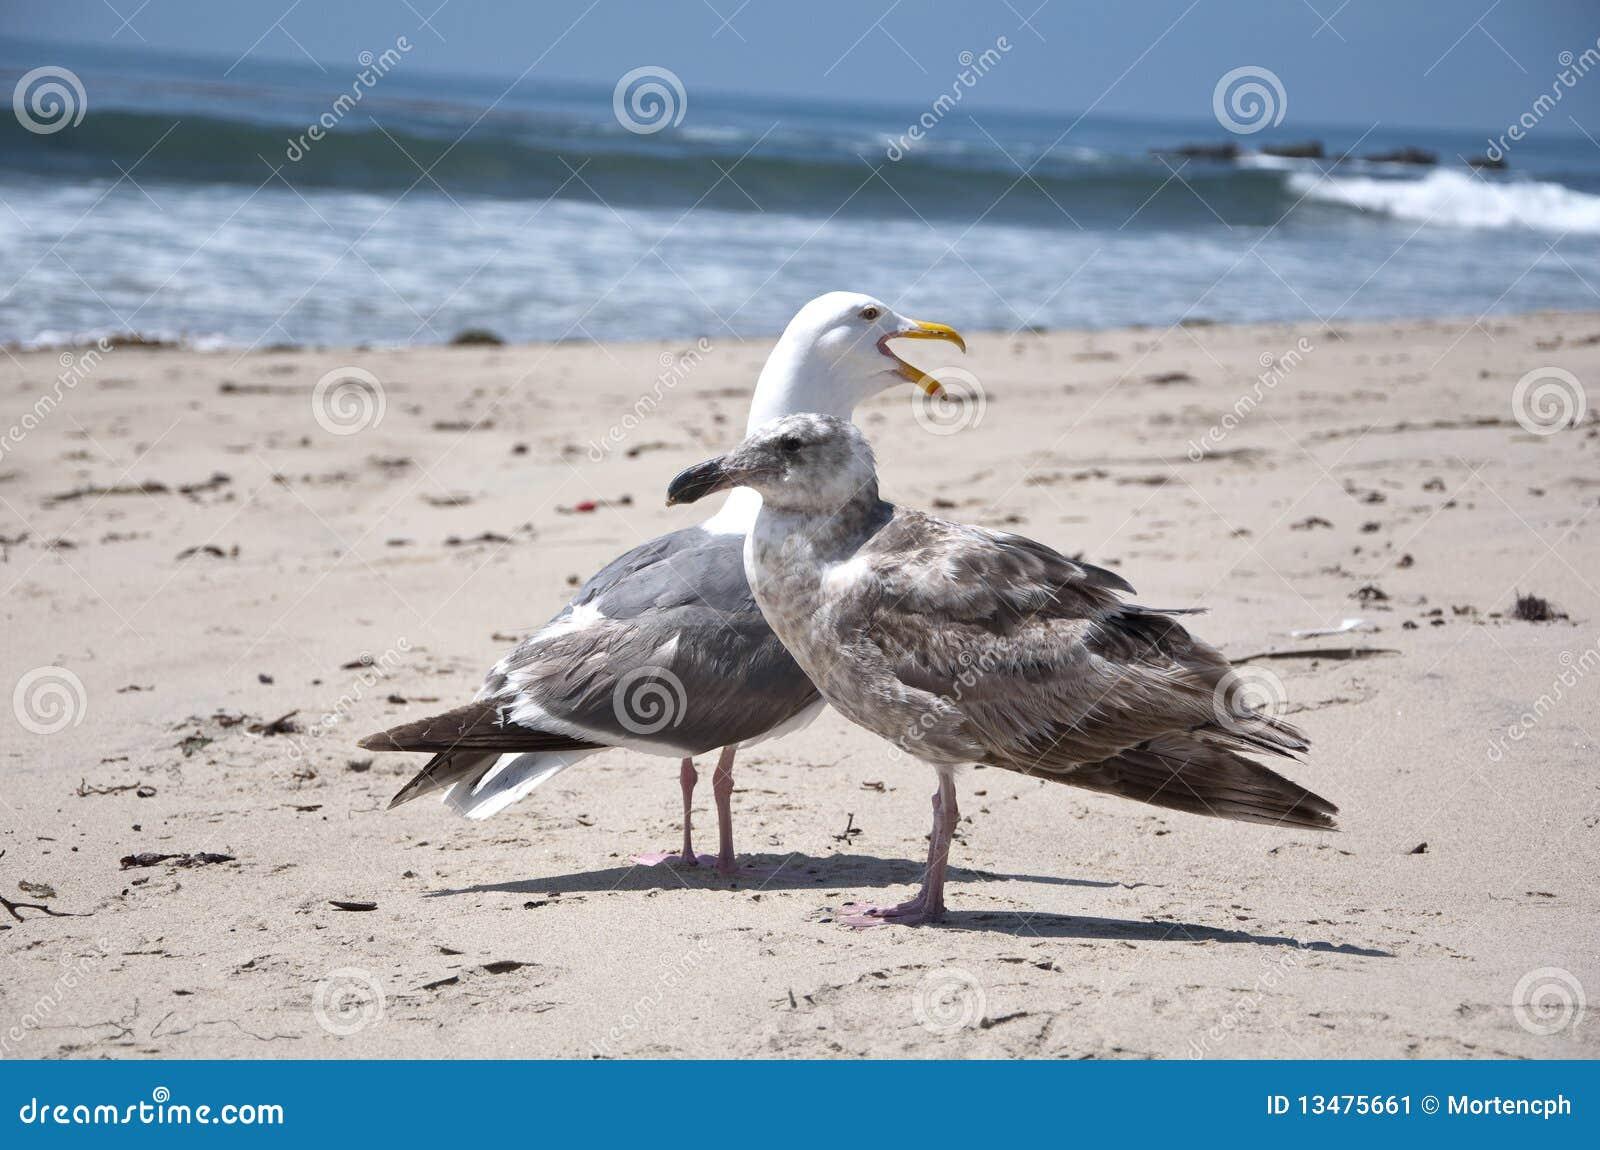 Female seagull - photo#8